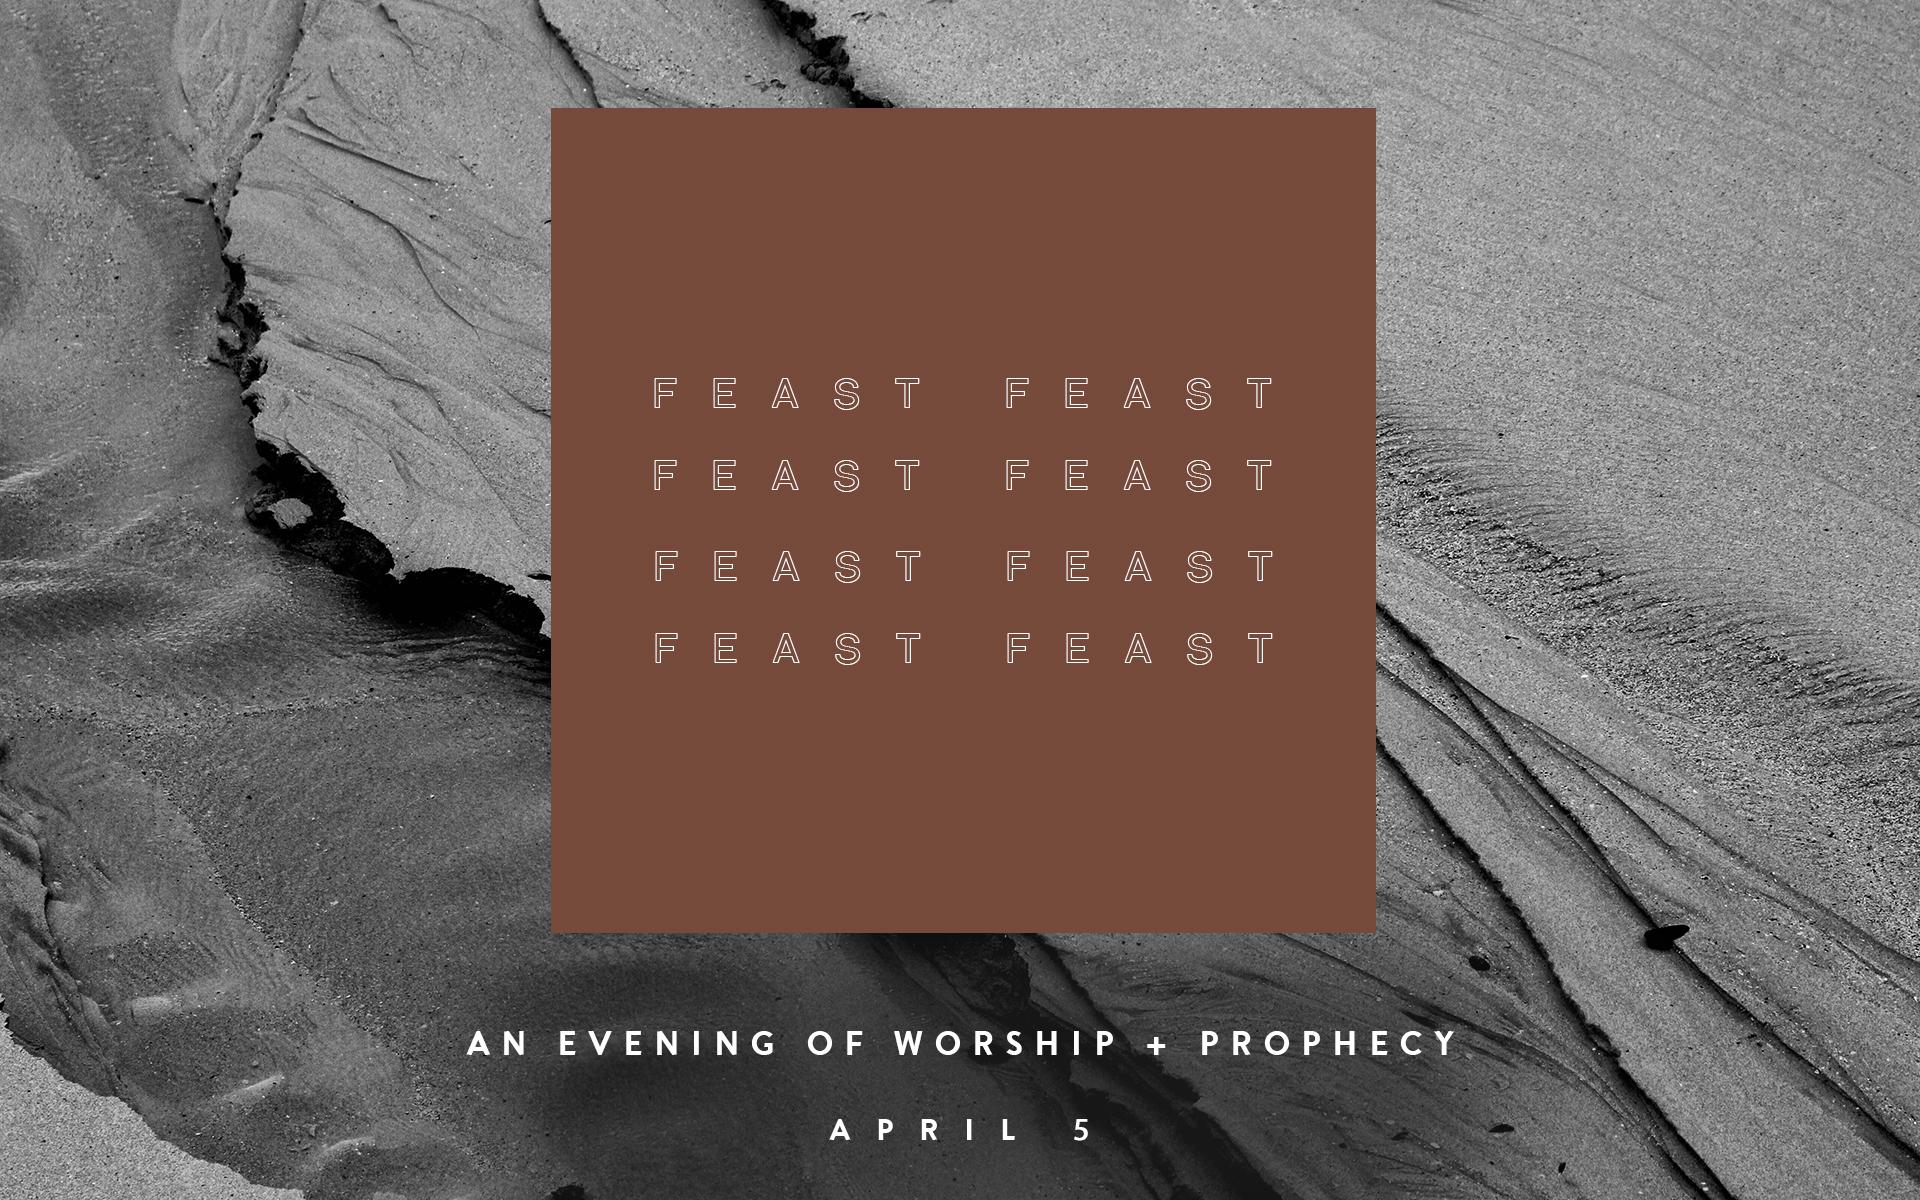 feast_april5_slide.jpg